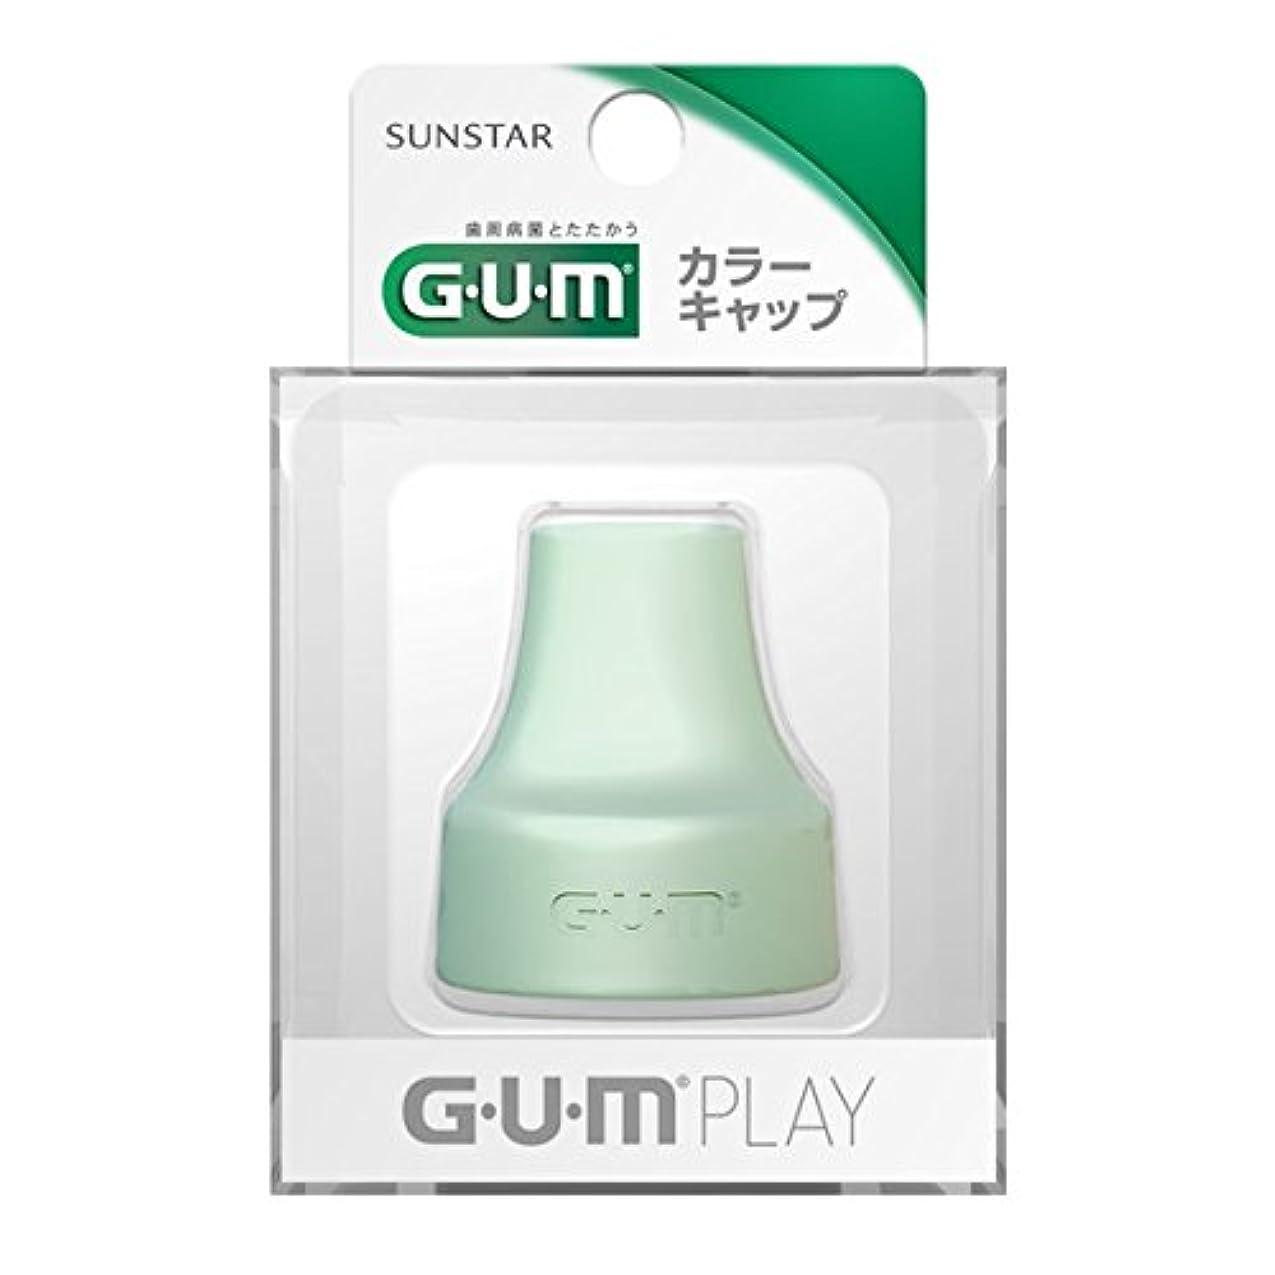 一般的に言えばかもしれない拘束G ?U ?M PLAY ( ガム プレイ ) スマホ連動歯ブラシ アタッチメント専用 カラーキャップ (ミント?グリーン)